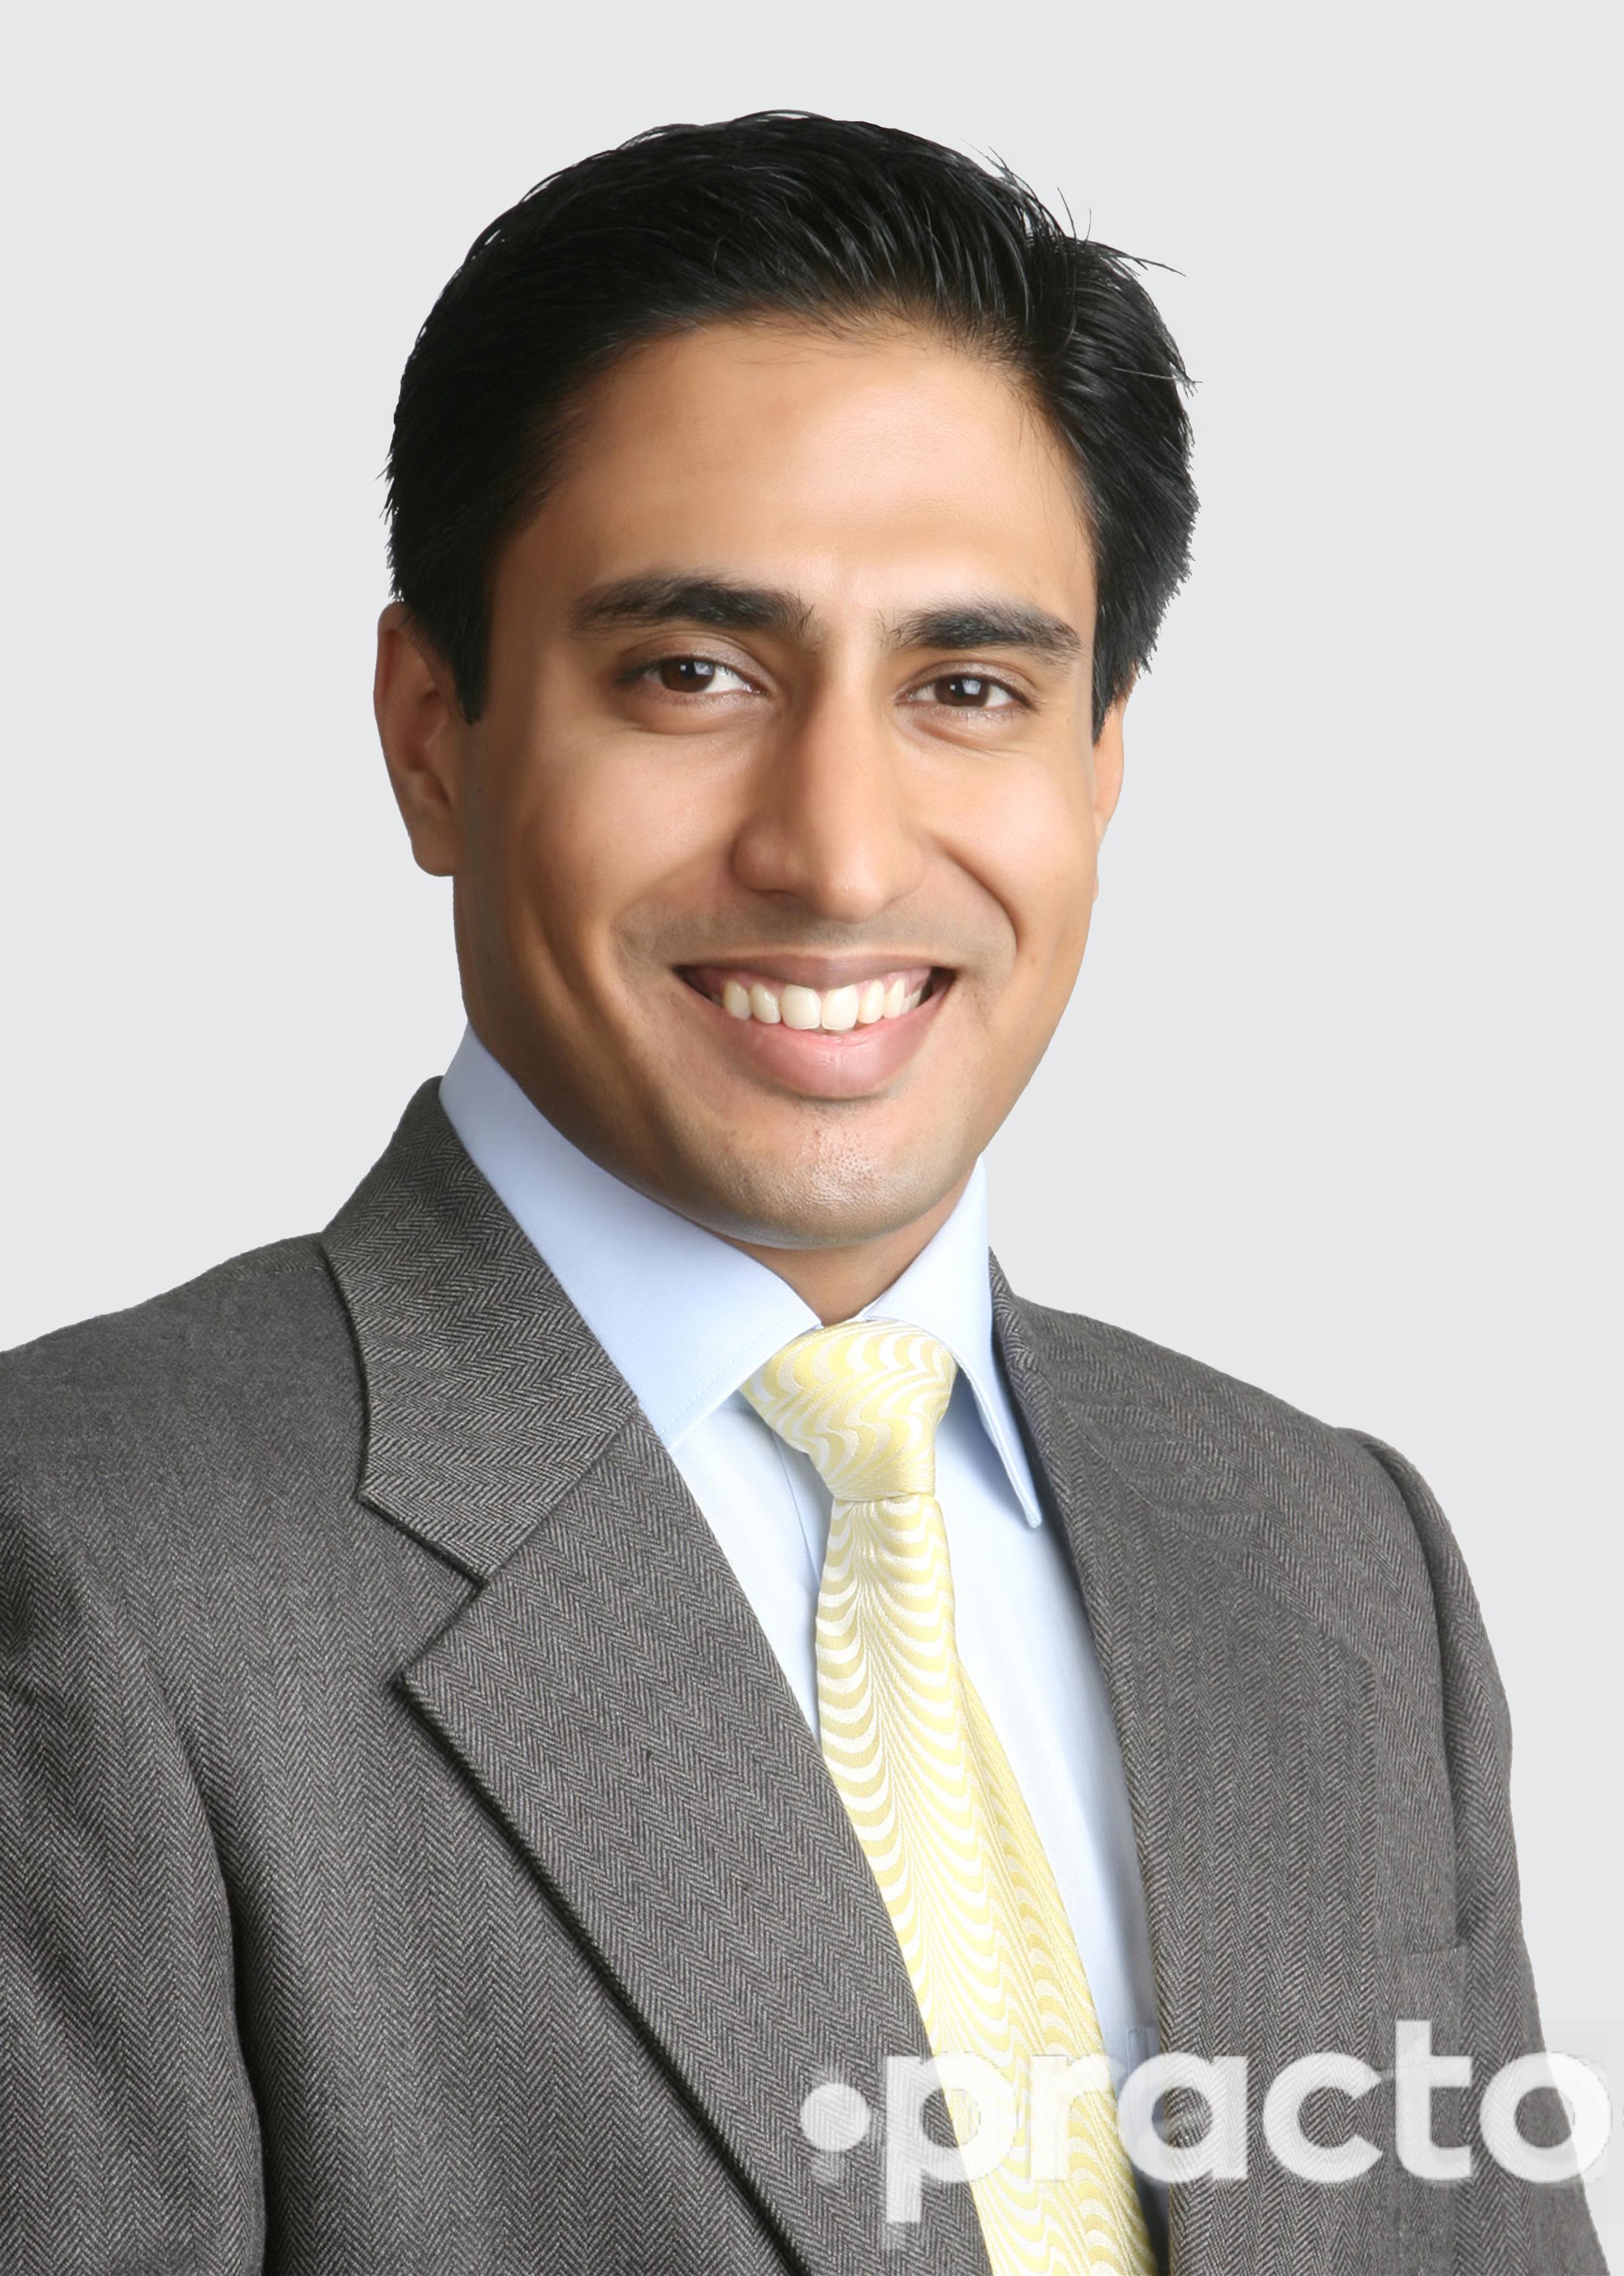 Dr. Ankur Aggarwal - Dentist